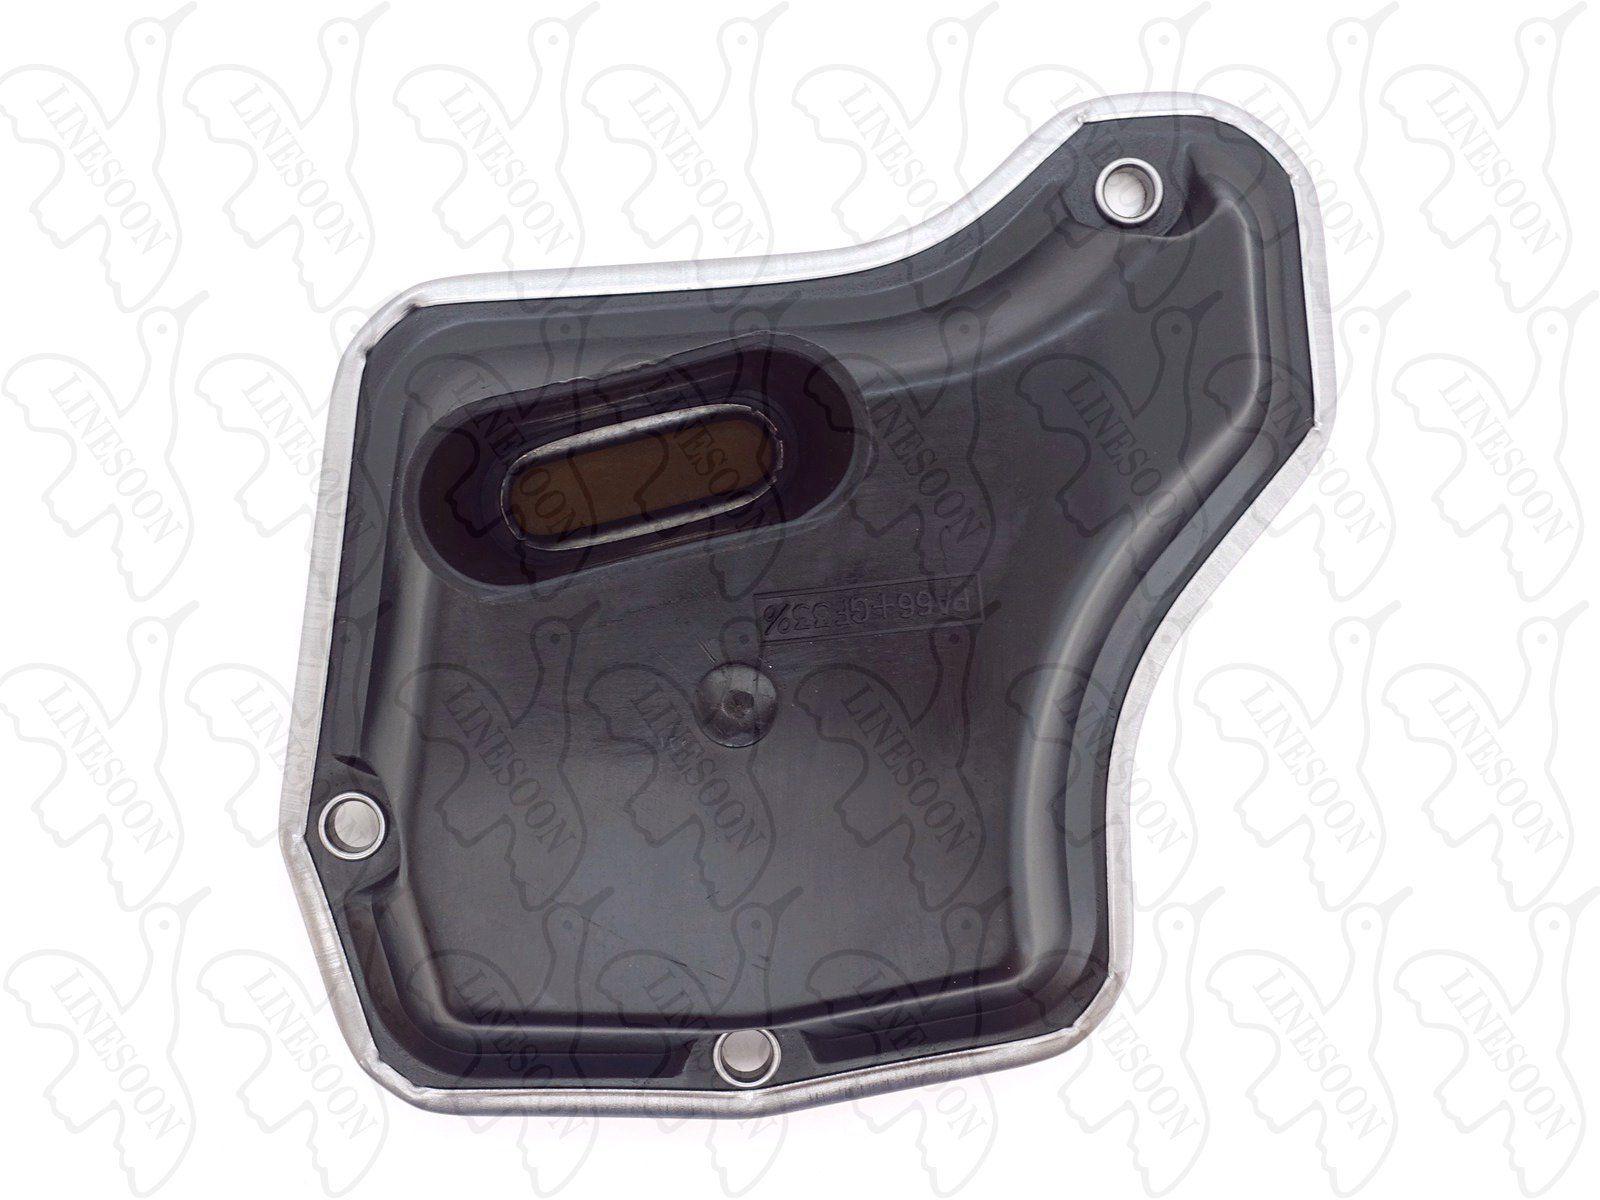 Filtro de Óleo Câmbio Automático  - G4a-El, G4a-Hl, - 71714  Mazda  - Alltrans - Transmissão Automática